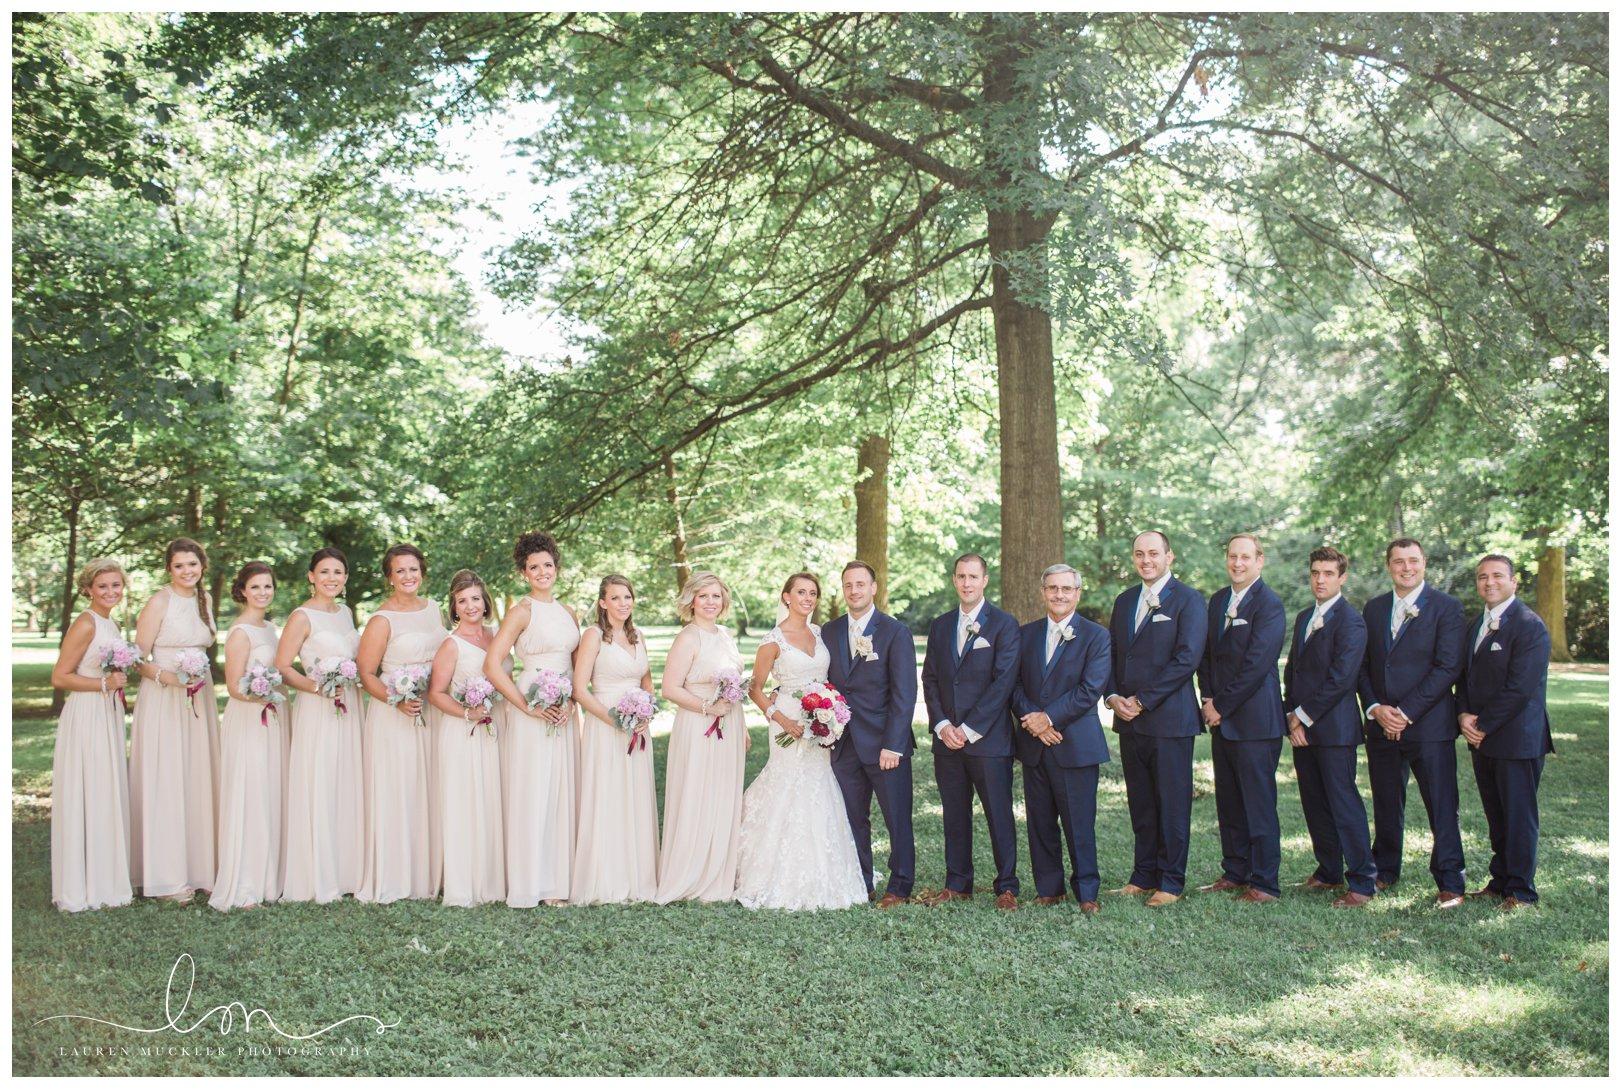 lauren muckler photography_fine art film wedding photography_st louis_photography_0490.jpg